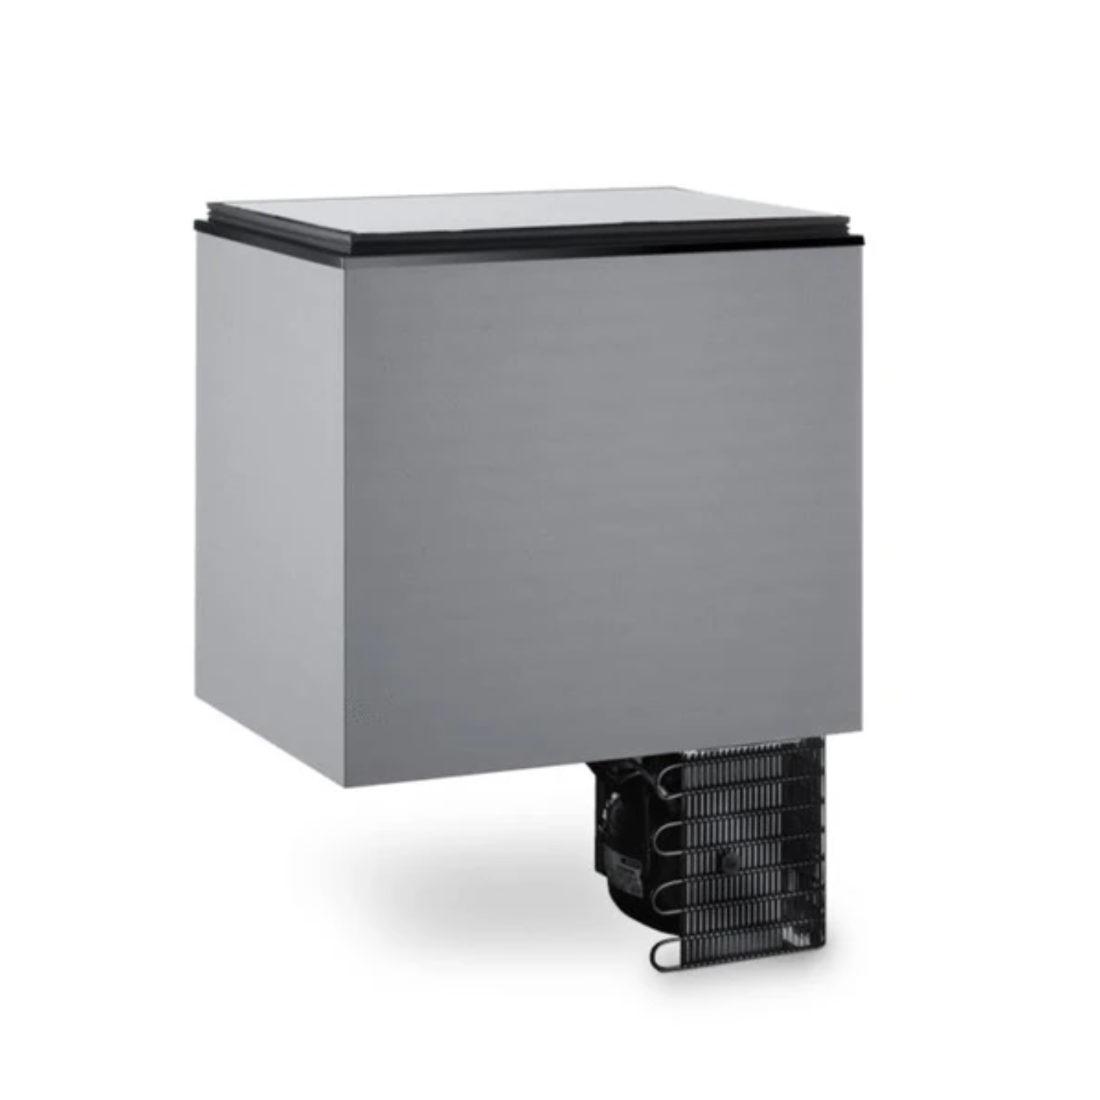 Dometic campervan refrigerator cooler top loading, side.